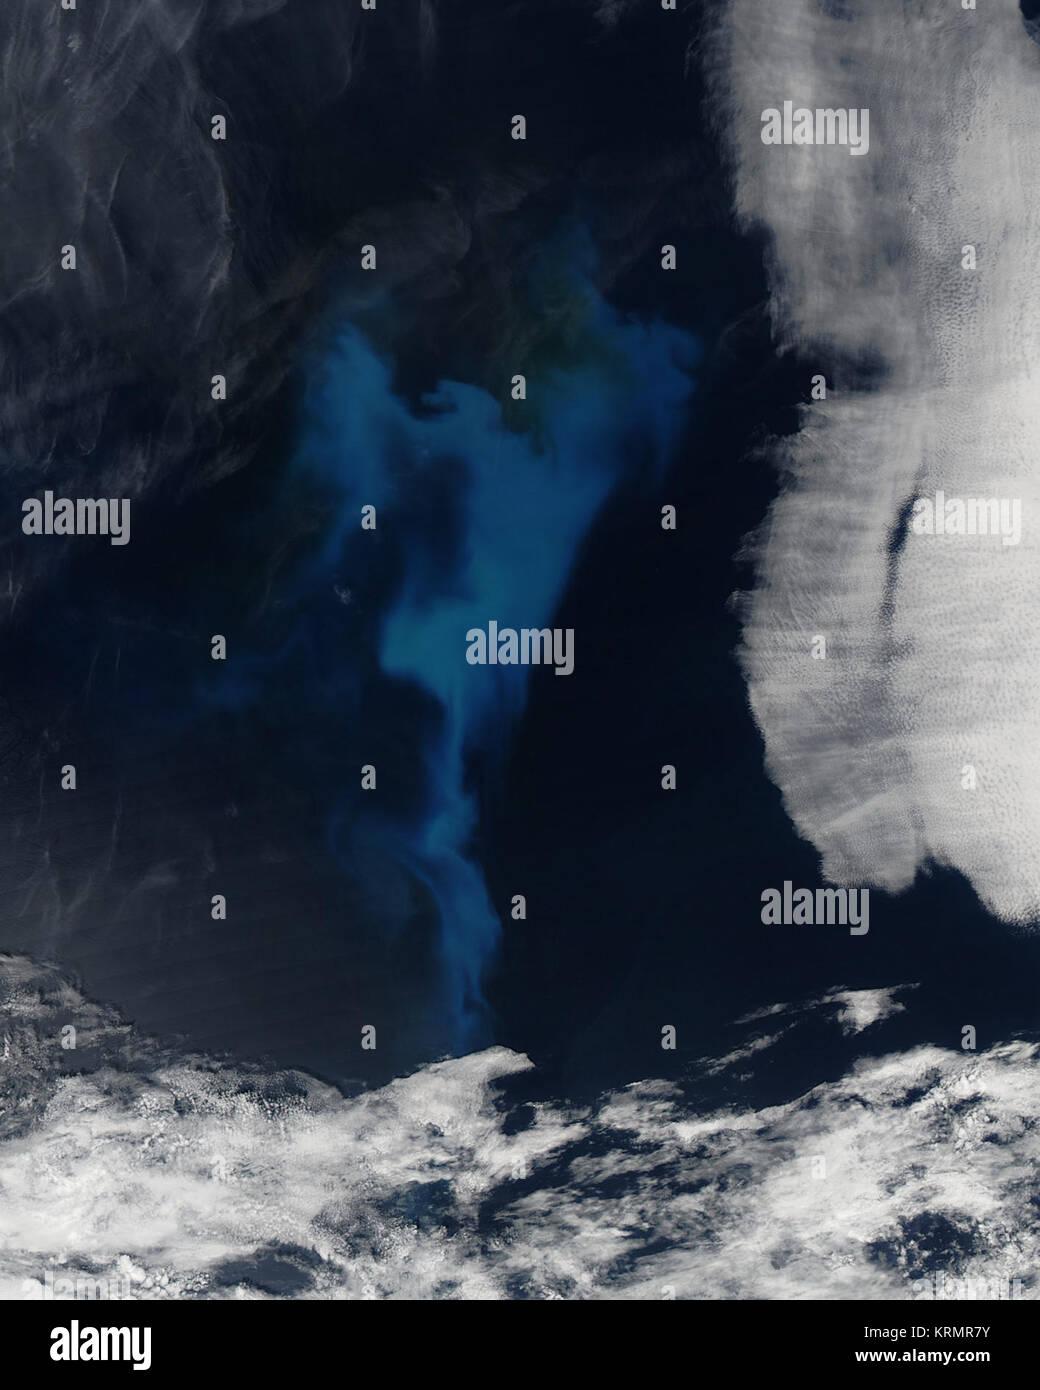 Bloom fitoplanctonico nell'Oceano Atlantico settentrionale (9422559155) Foto Stock